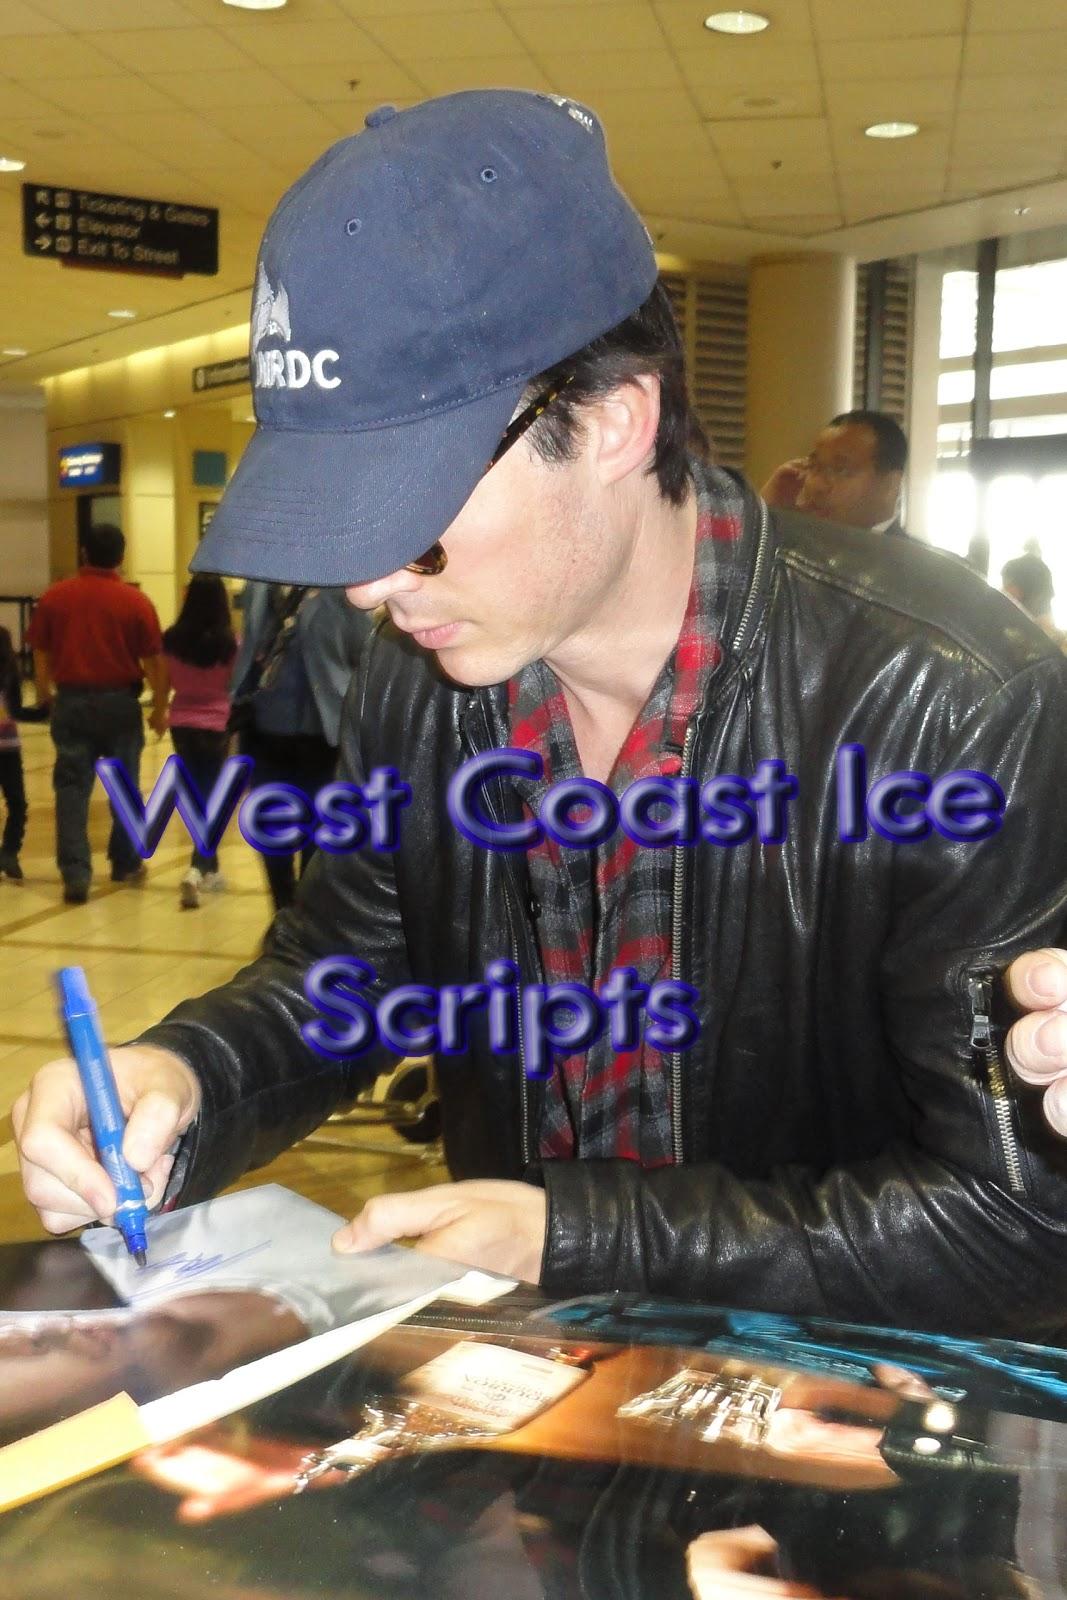 http://2.bp.blogspot.com/-wl0WGrNczlQ/T2YAu01blLI/AAAAAAAAAqQ/ZU72EKDAqjs/s1600/Ian+Somerhalder+3.jpg